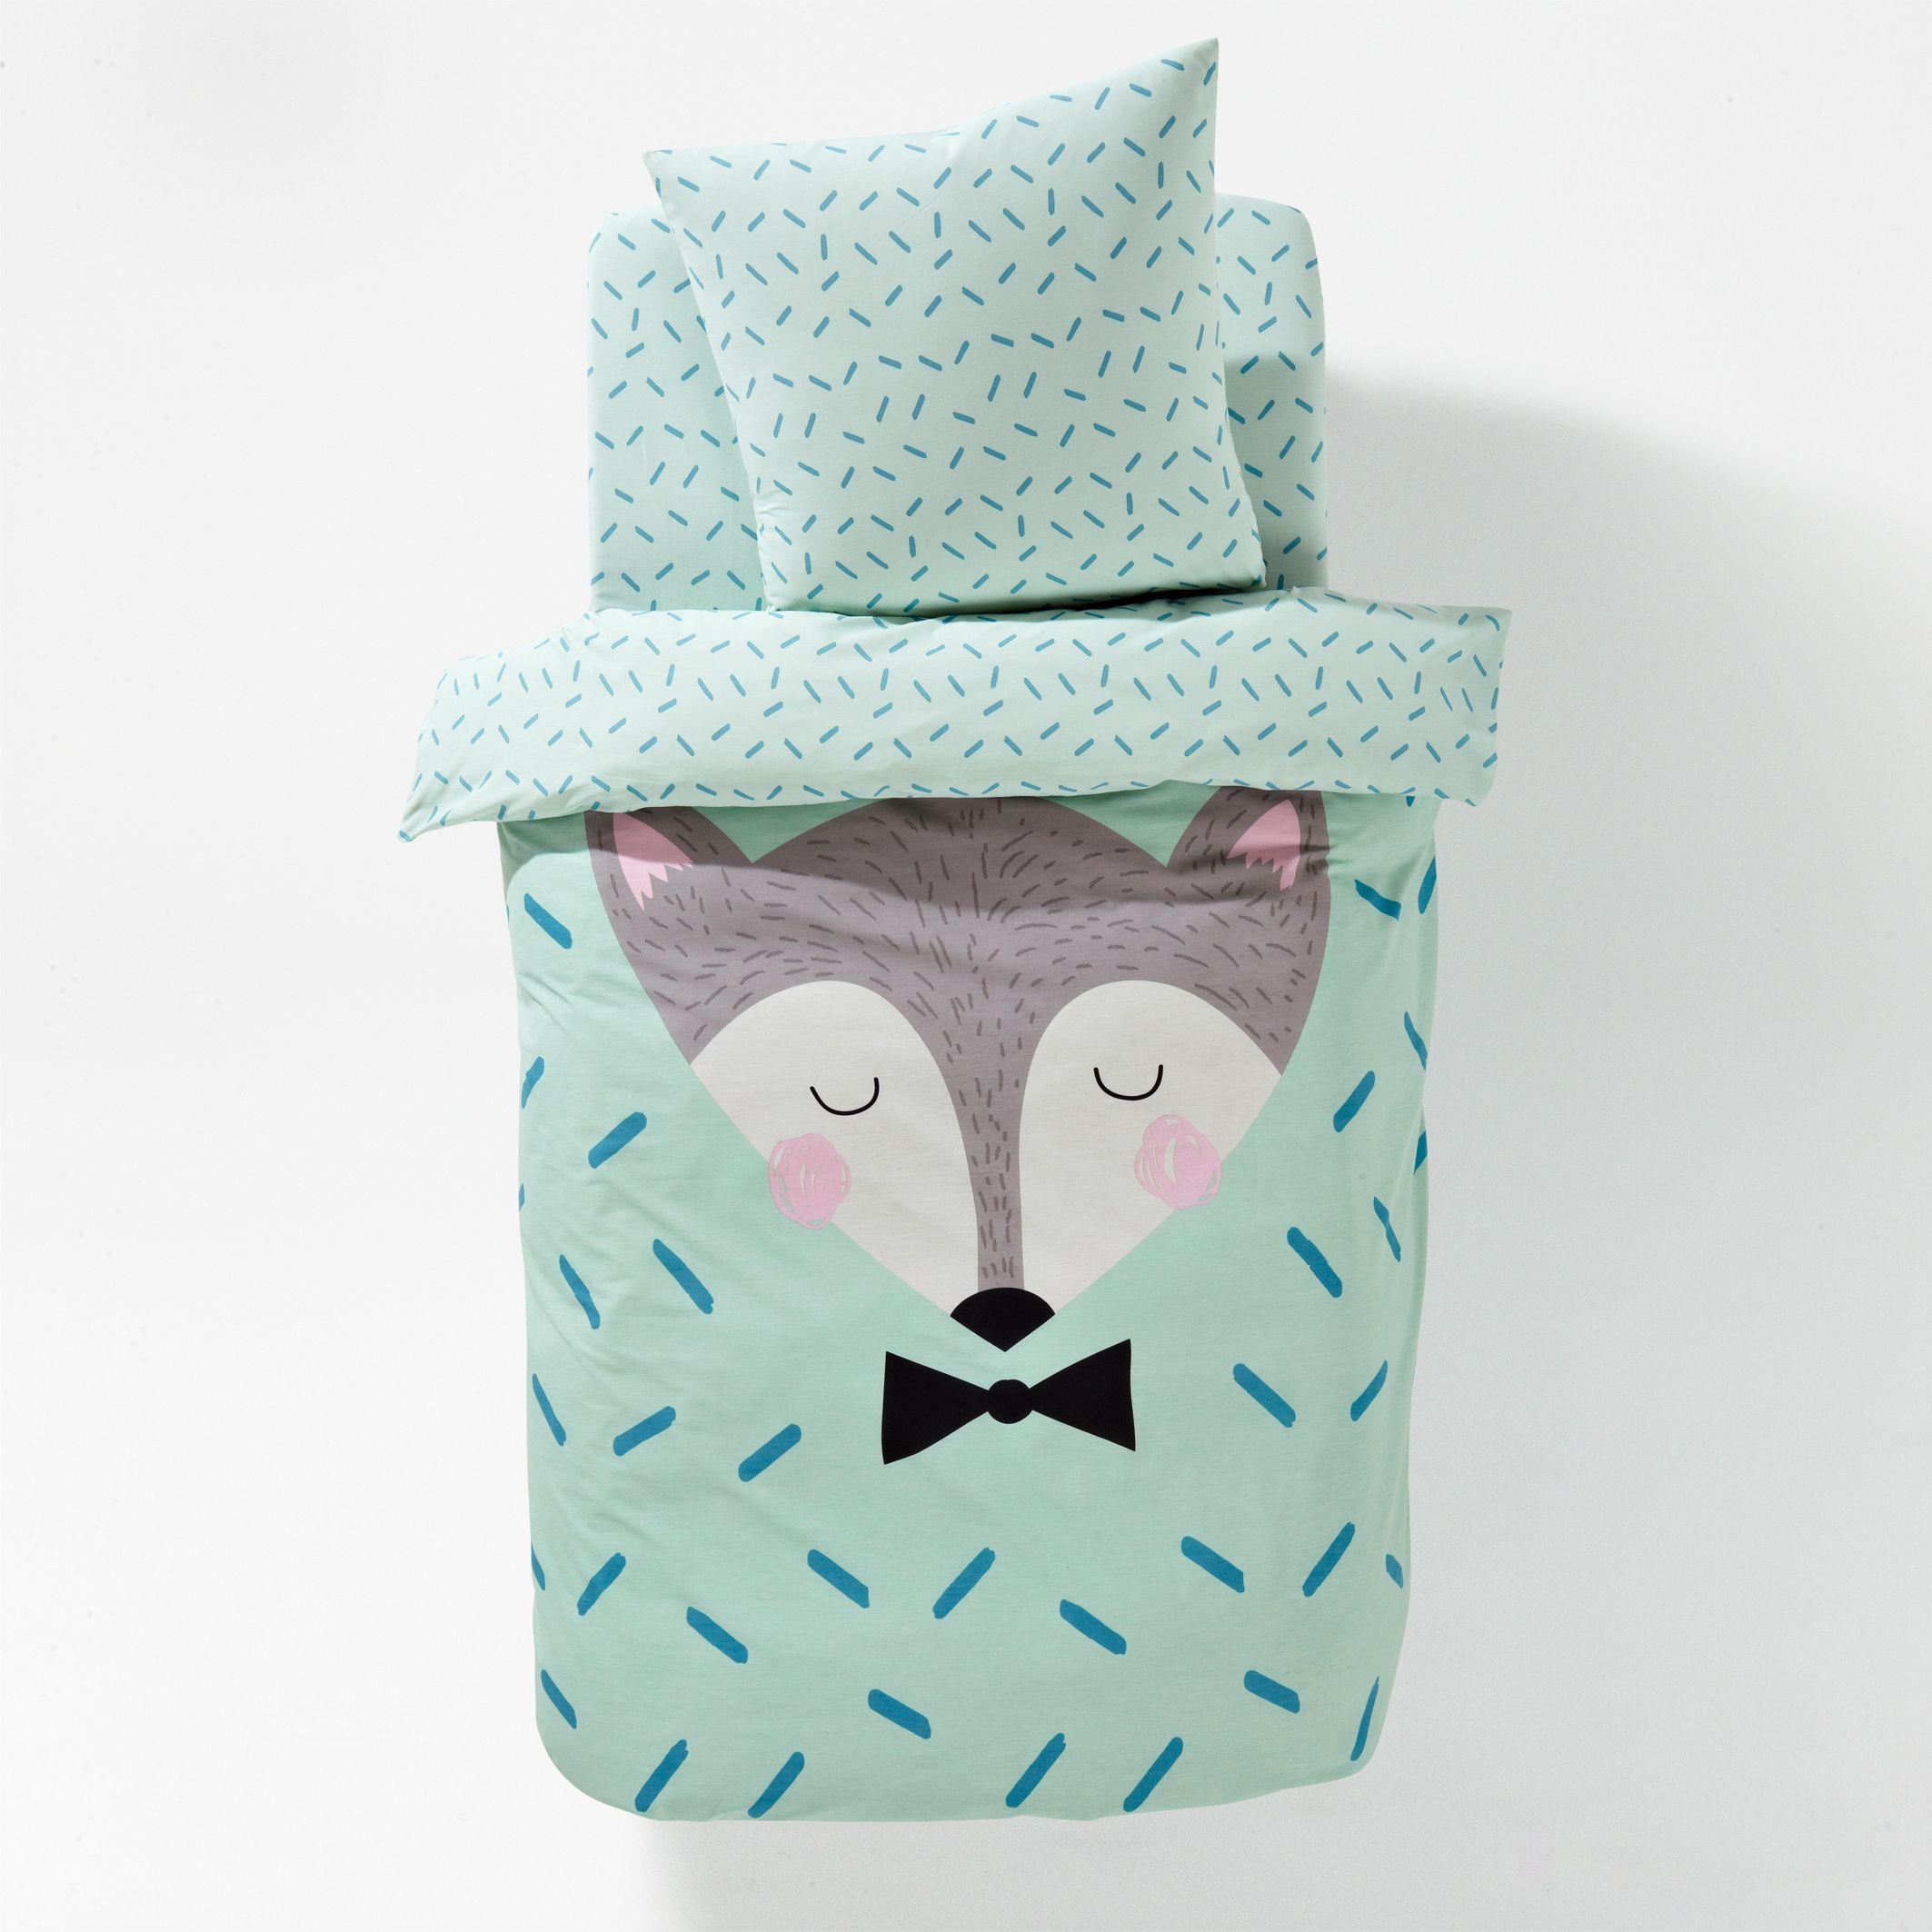 Housse de couette coton sleepy fox kids illustration - La redoute housse couette enfant ...